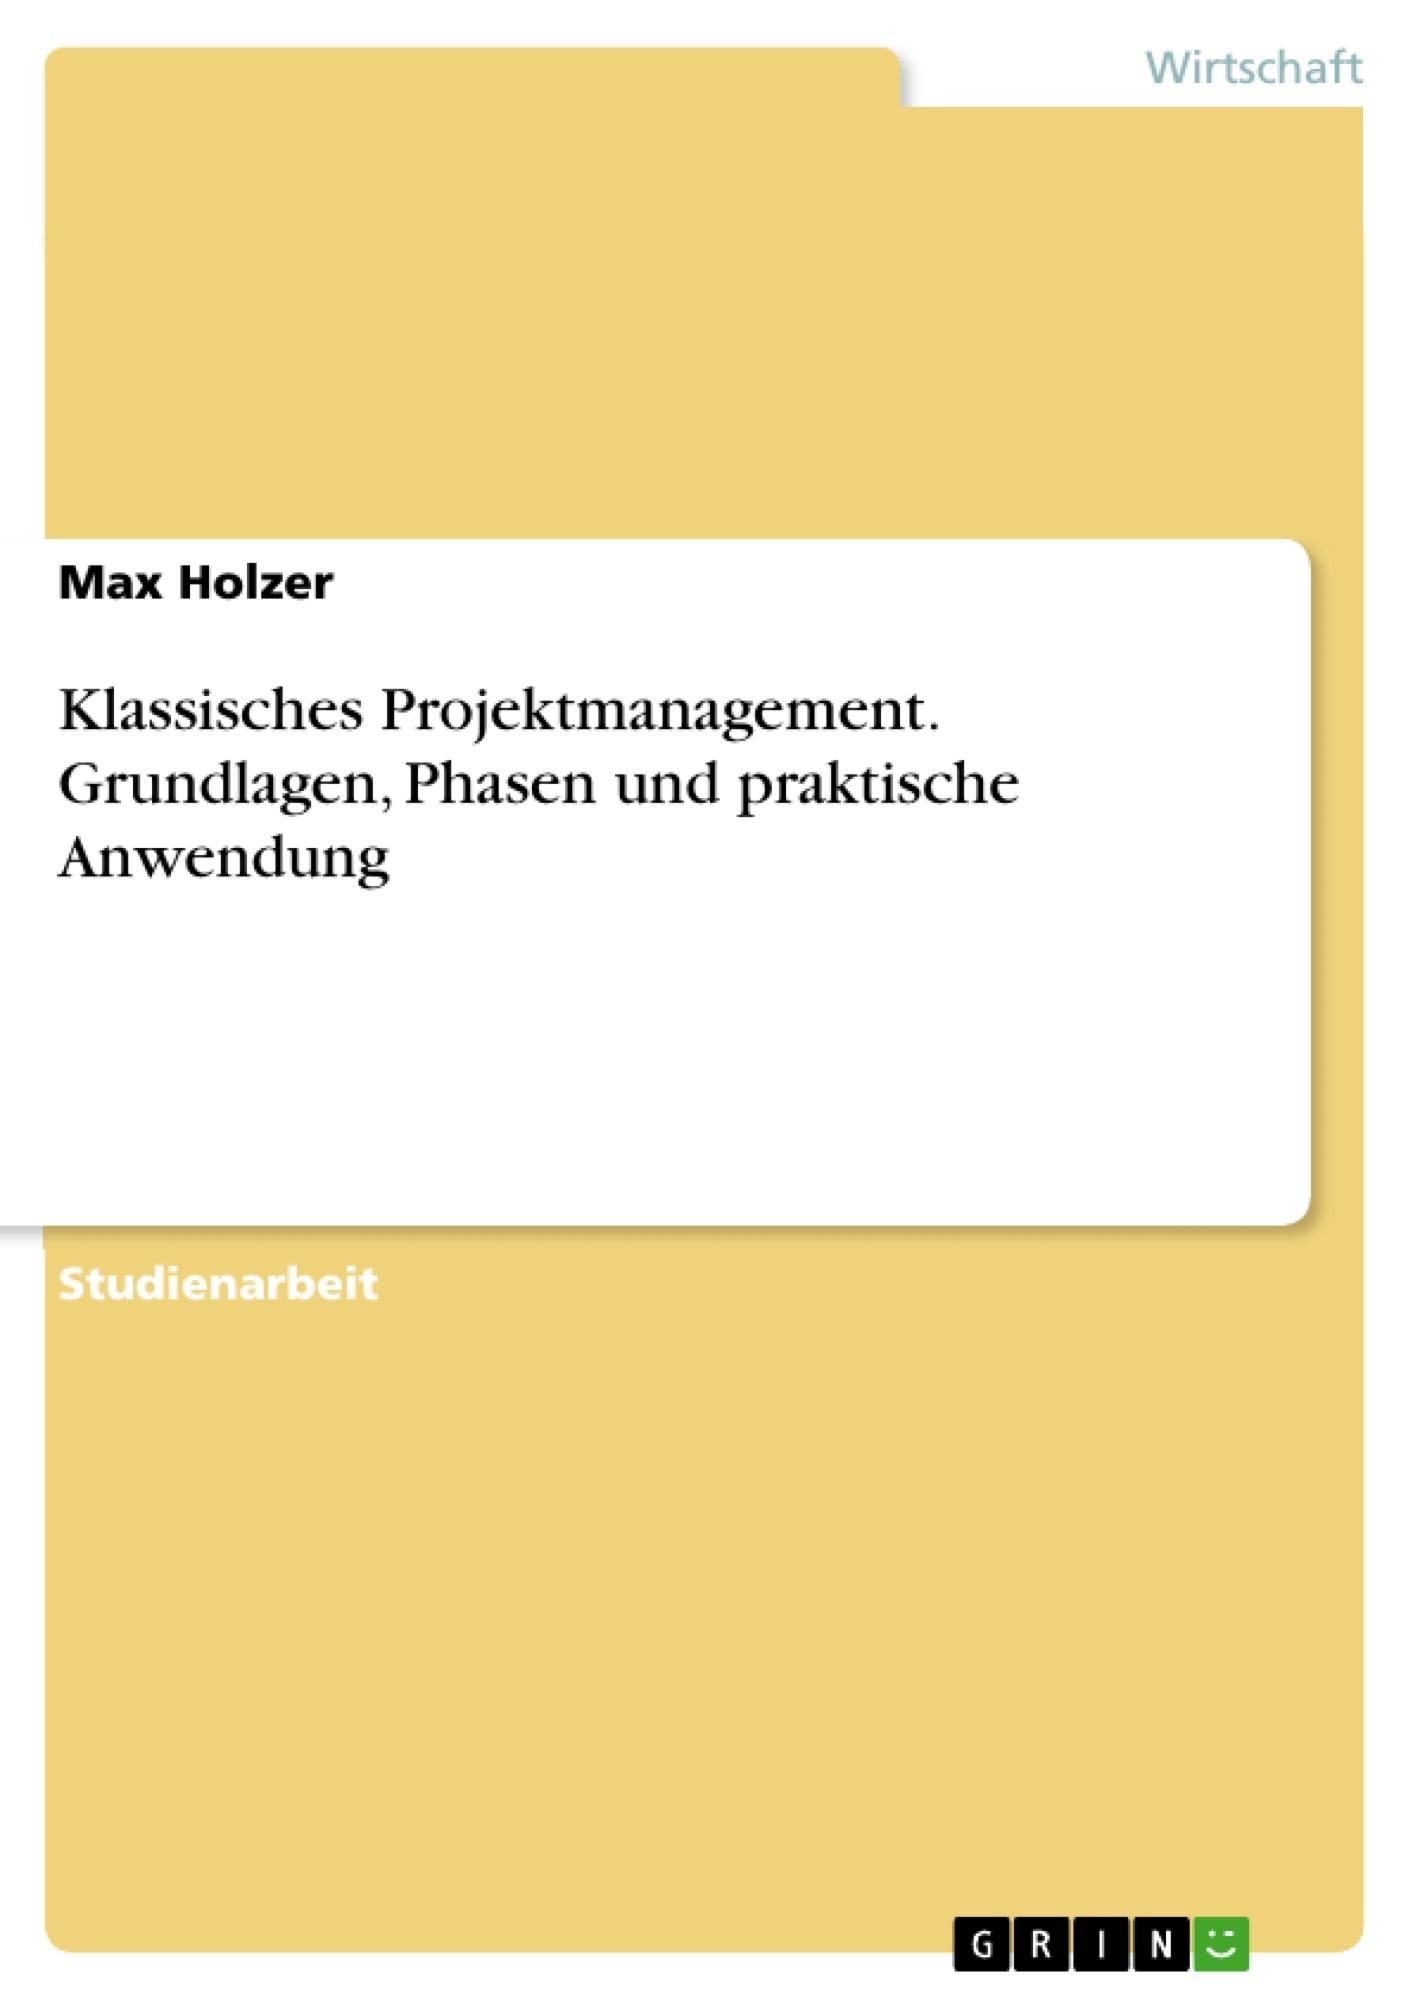 Titel: Klassisches Projektmanagement. Grundlagen, Phasen und praktische Anwendung